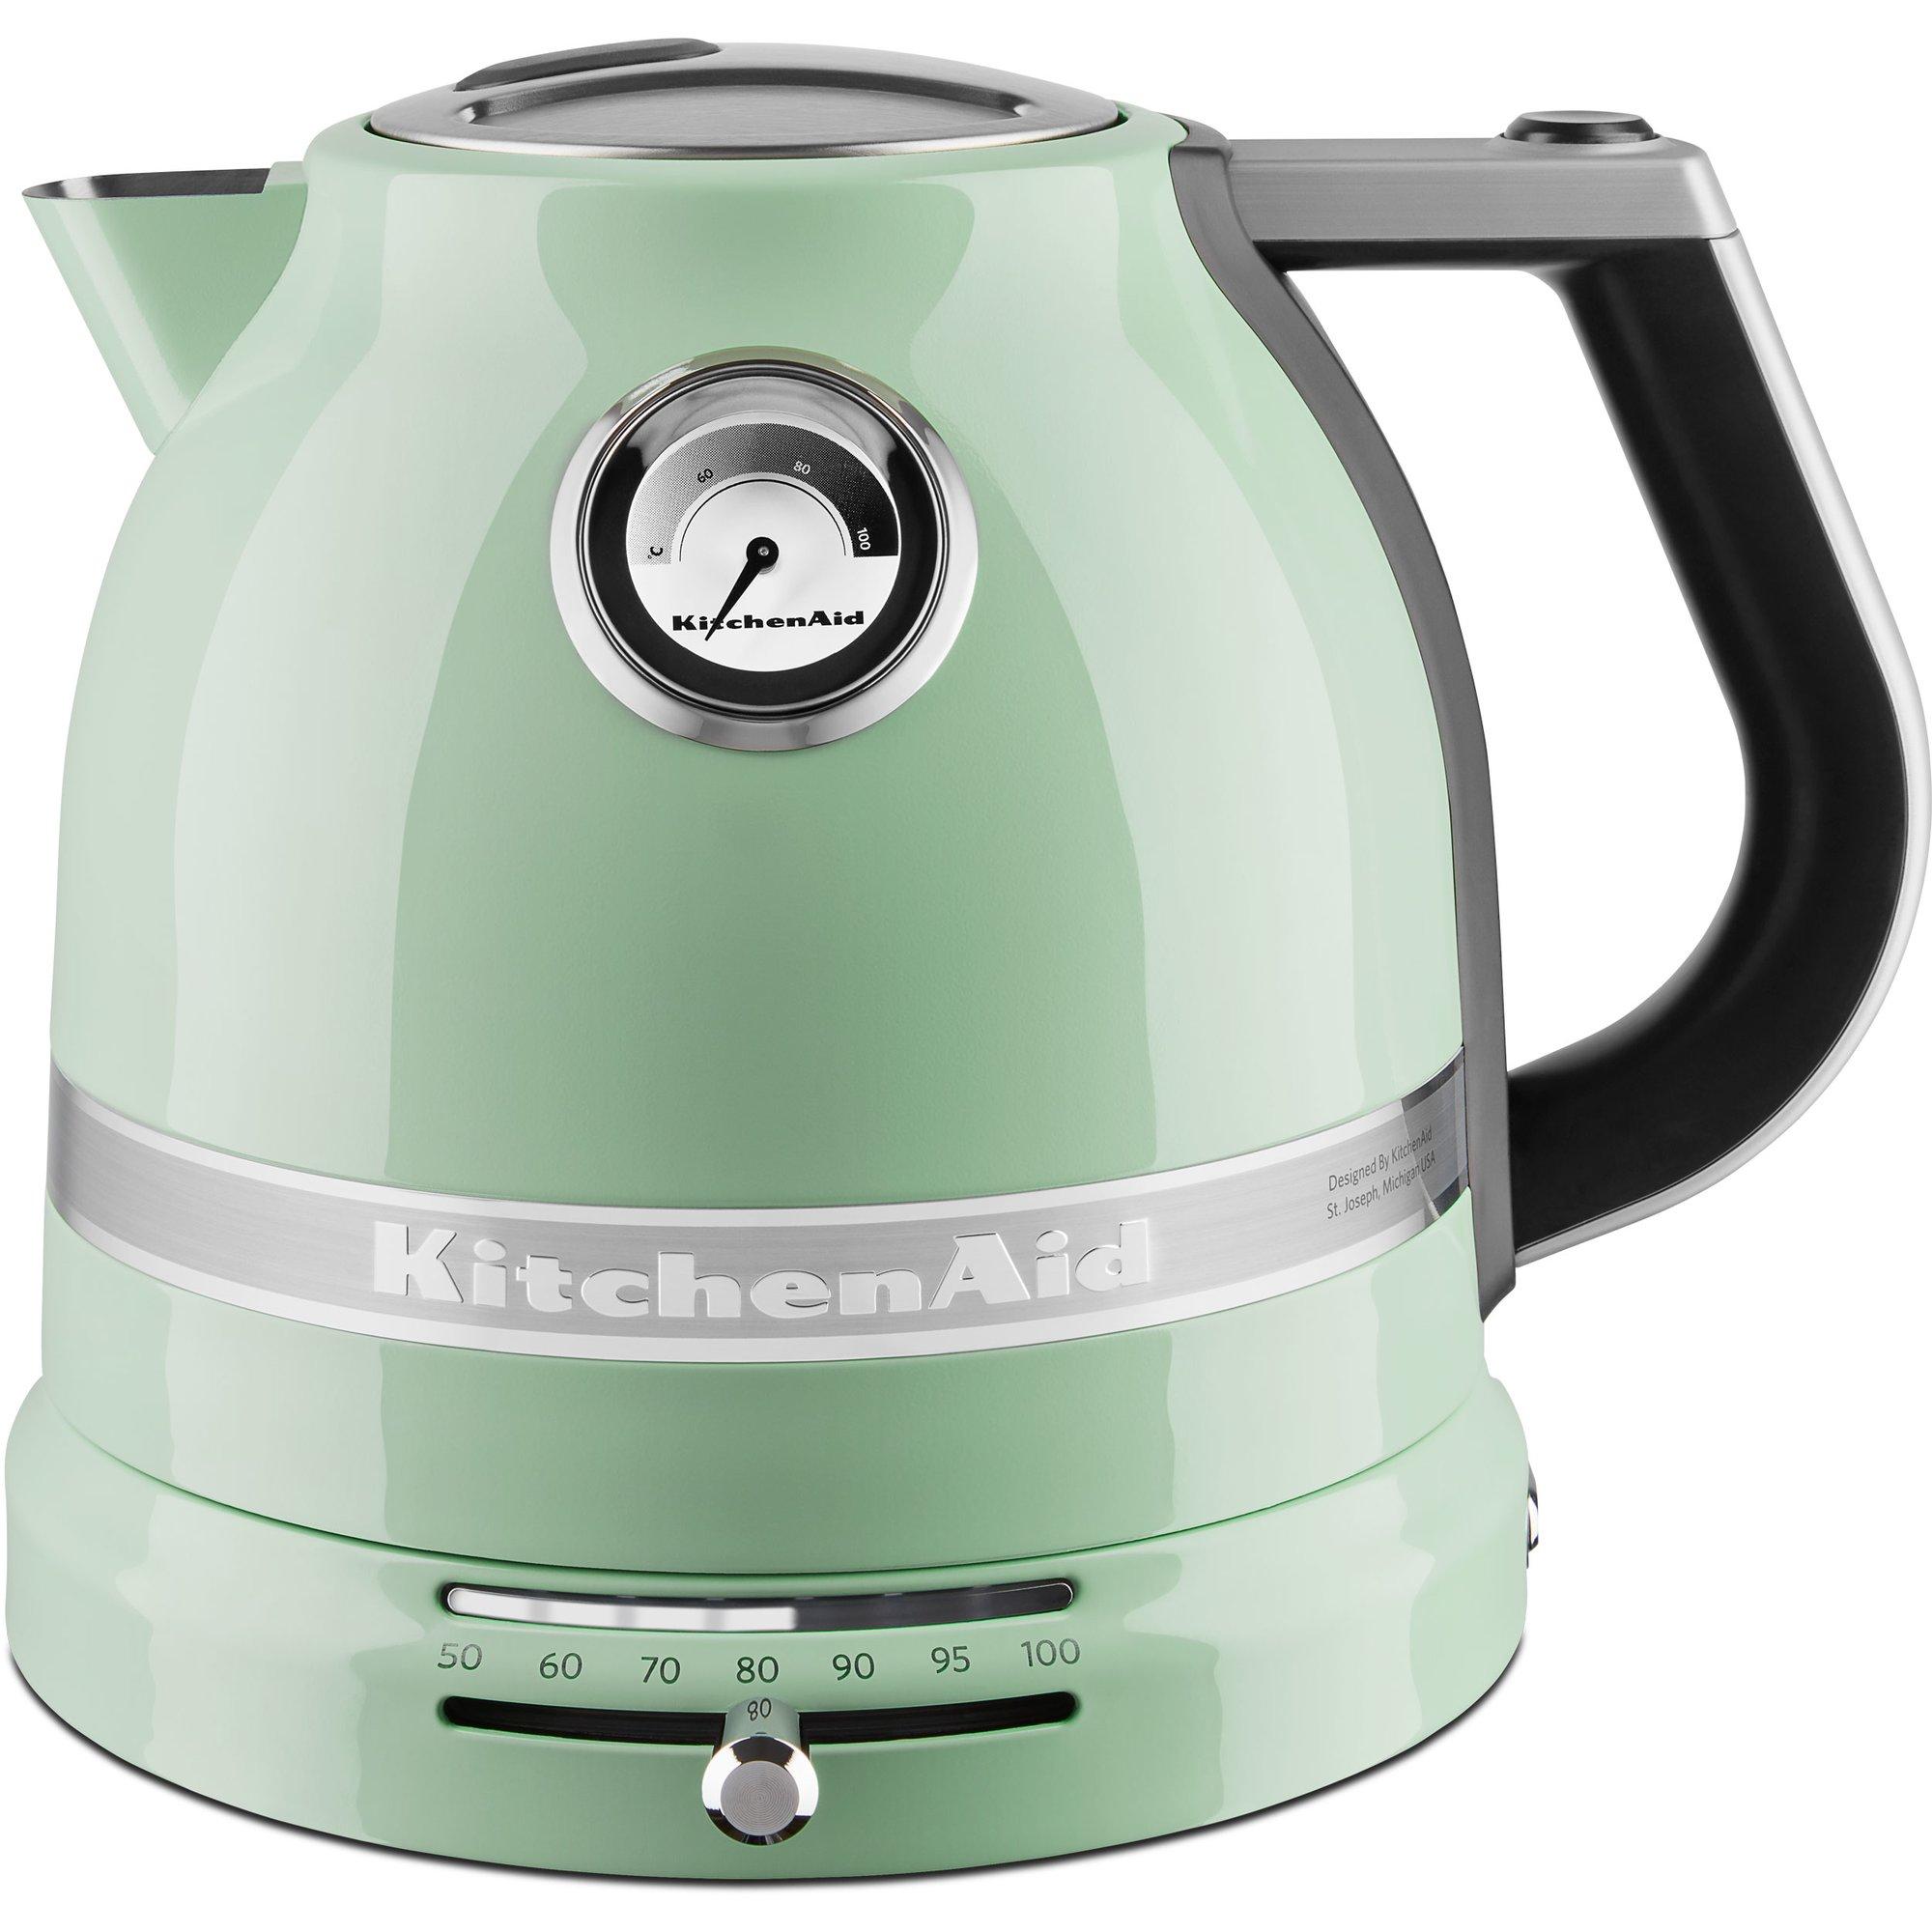 KitchenAid Artisan Vattenkokare 1.5L – Pistaccio